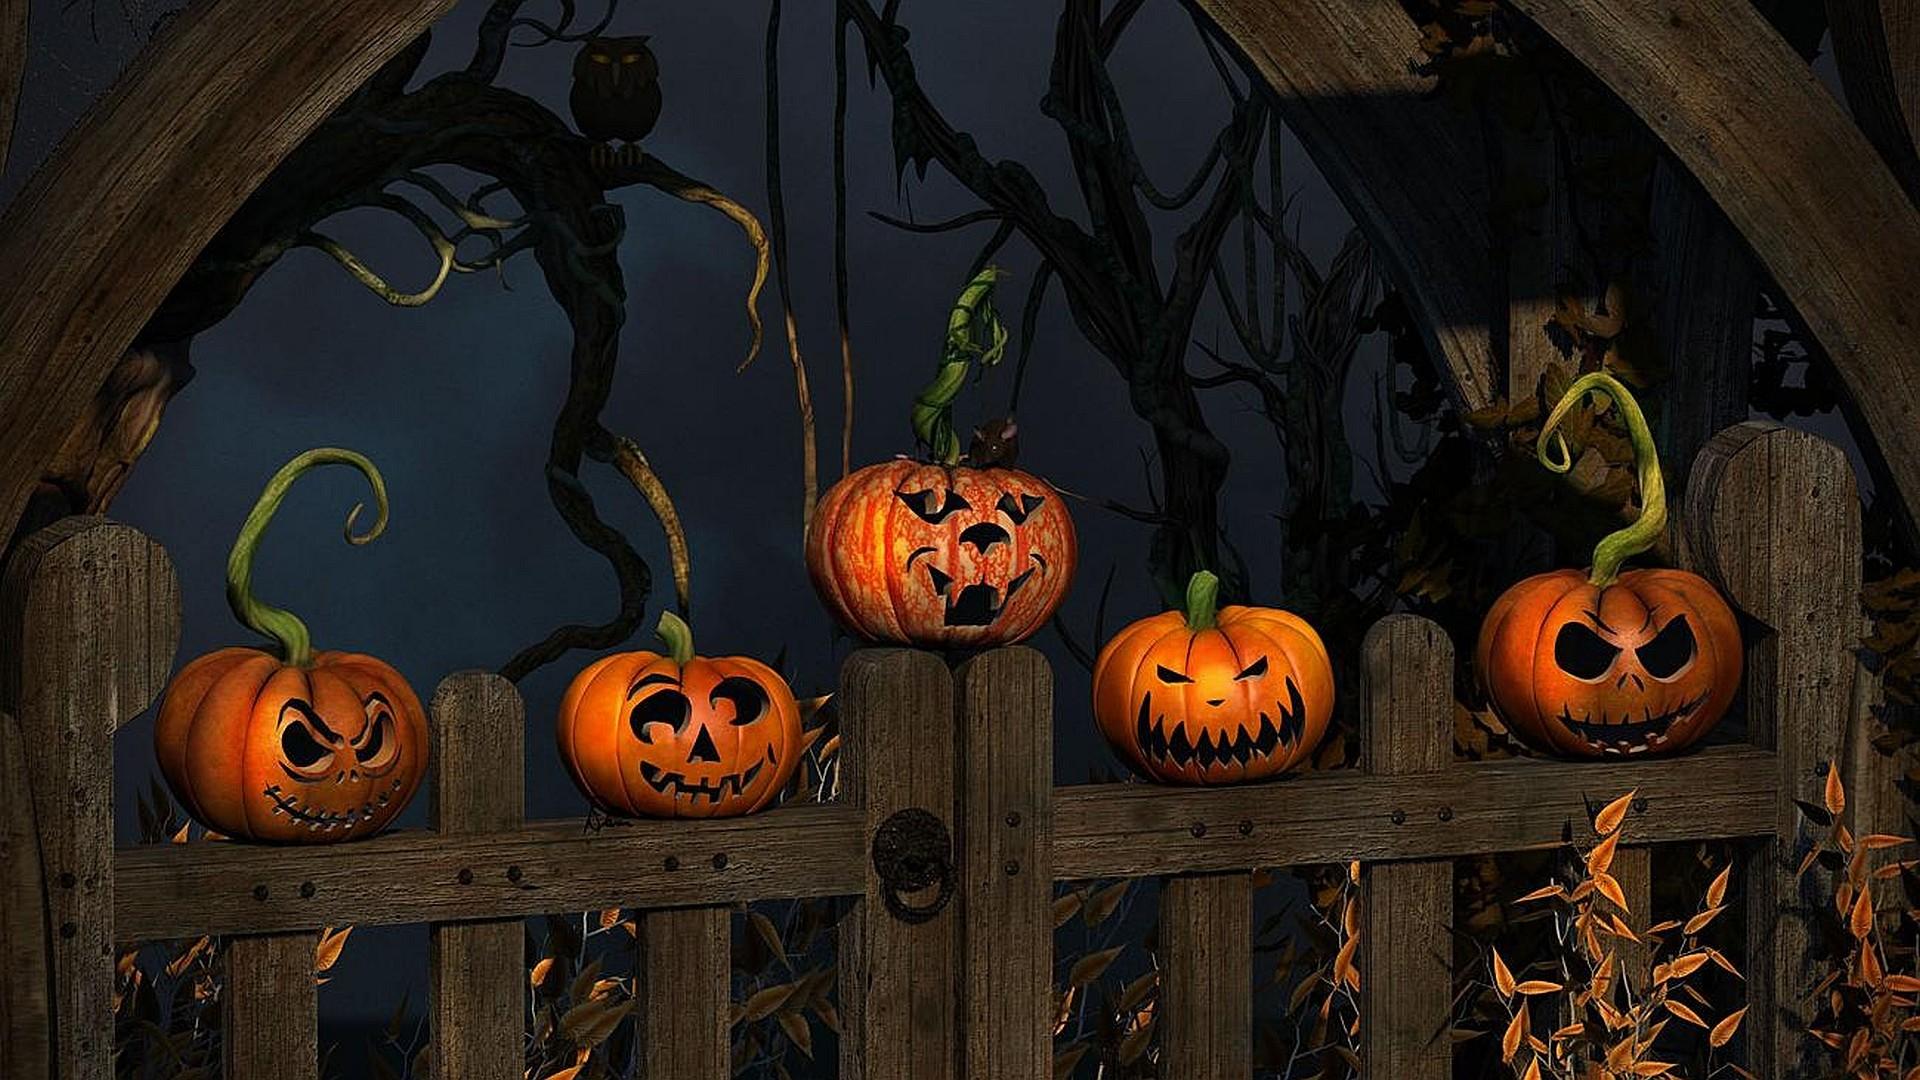 Scary Halloween Backgrounds HD   PixelsTalk.Net. Scary Halloween Backgrounds  HD PixelsTalk Net